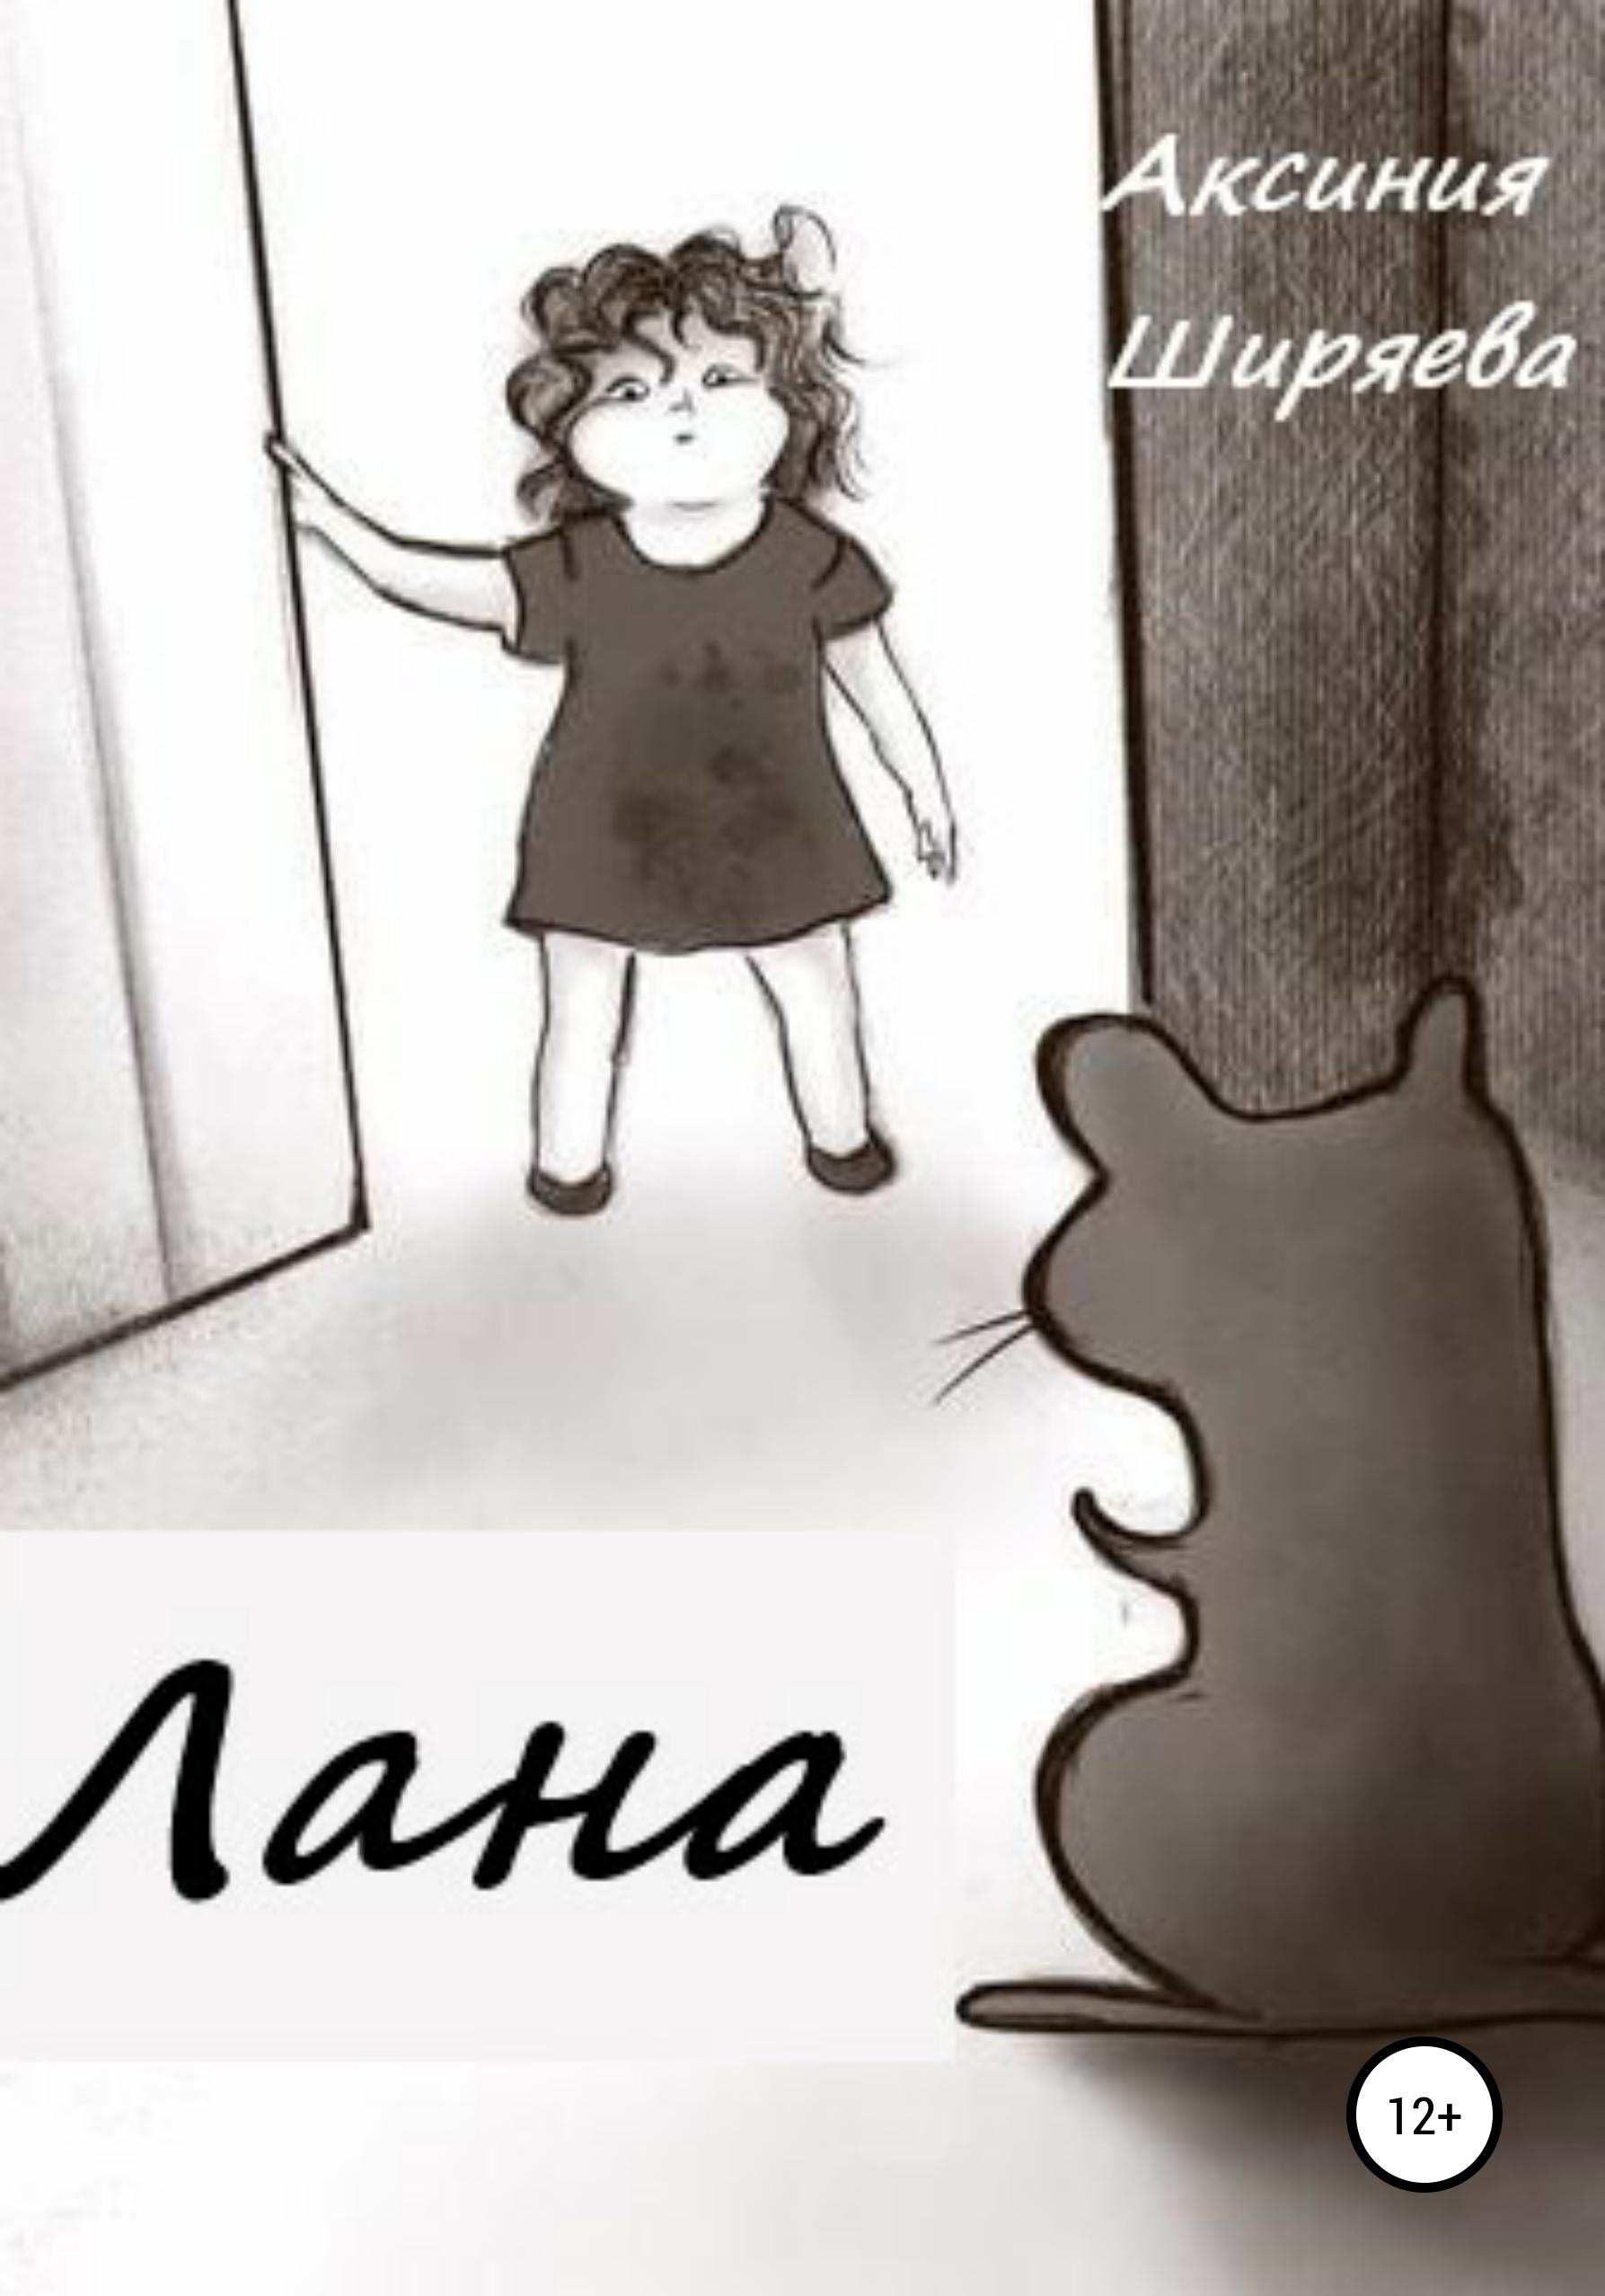 Аксиния Ширяева - Лана